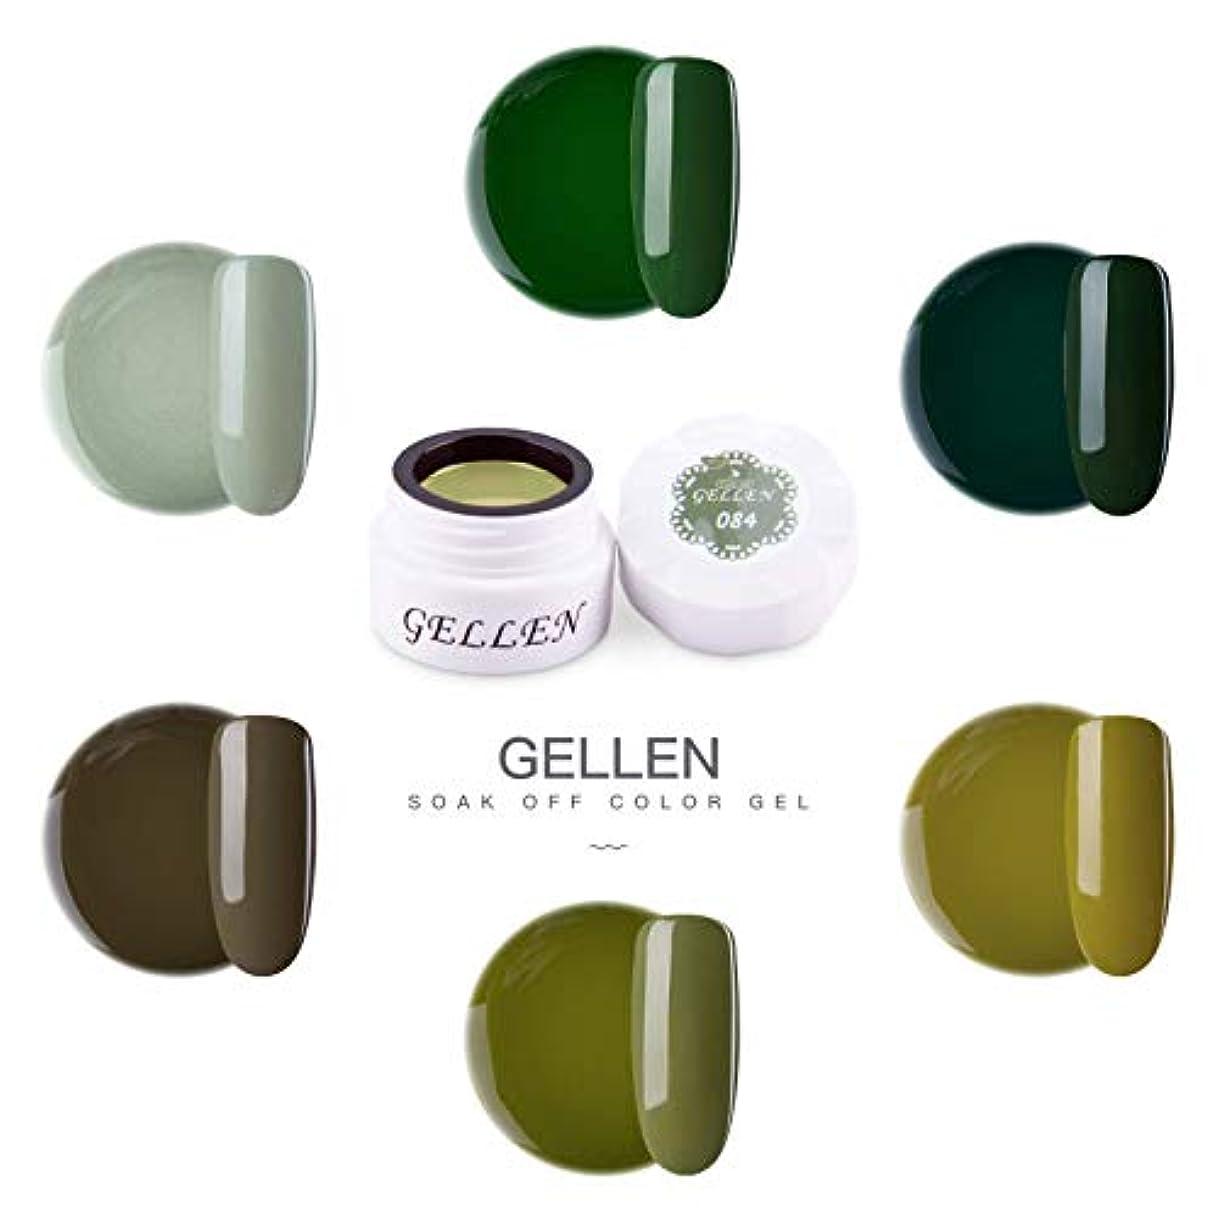 ミル不透明な統合するGellen カラージェル 6色 セット[ダークグリーン系]高品質 5g ジェルネイル カラー ネイルブラシ付き